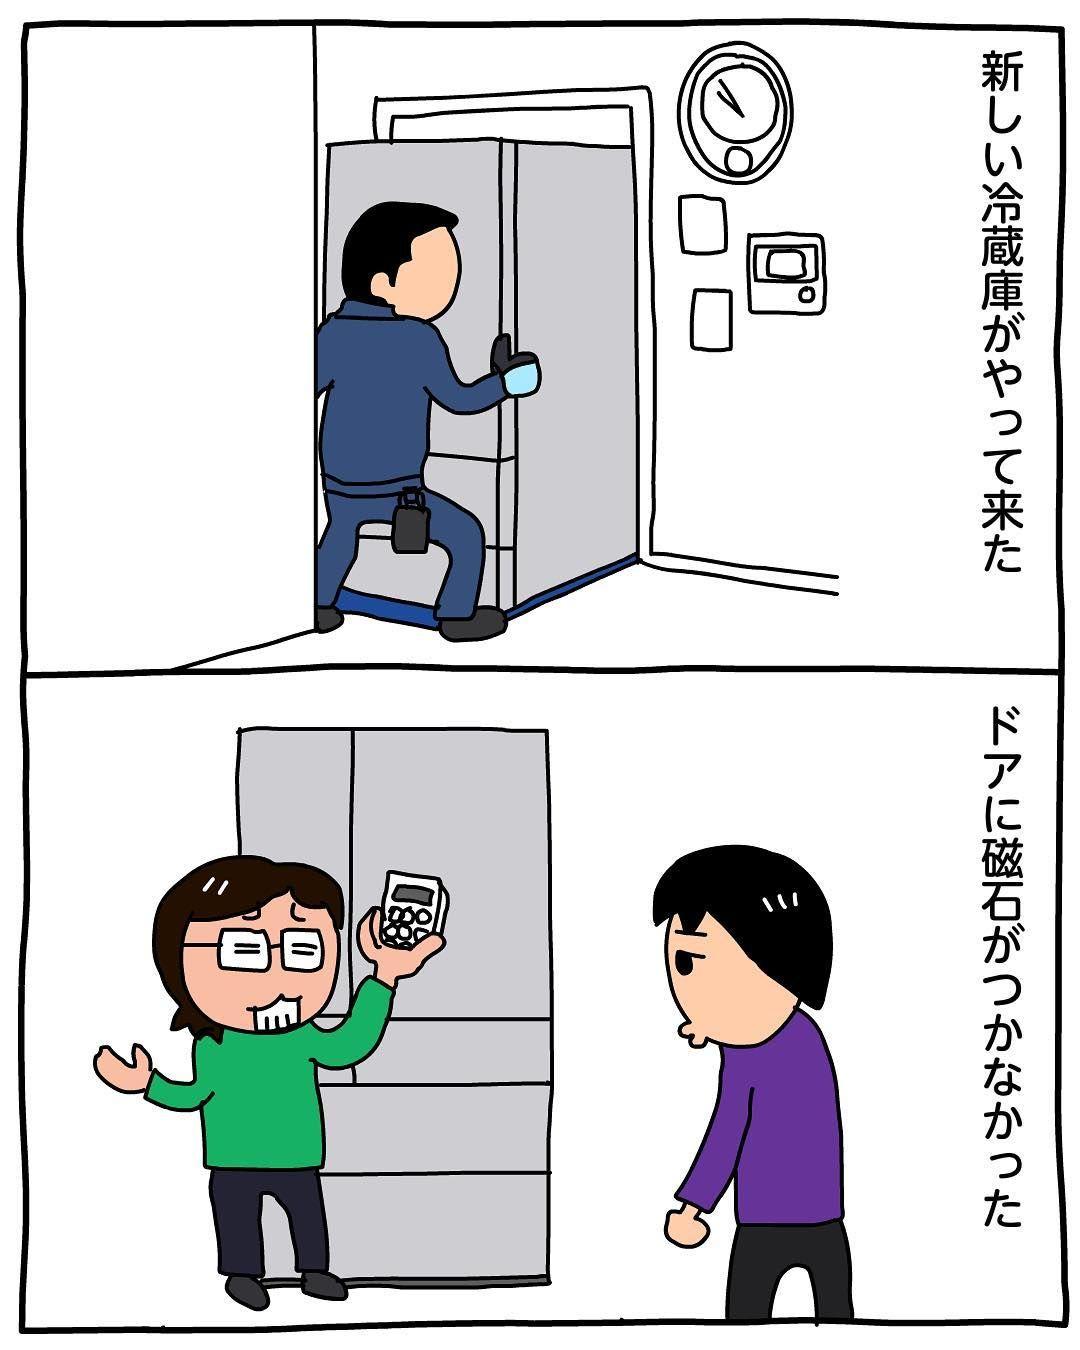 新しい冷蔵庫がやって来た 昨日のハイライト 冷蔵庫 冷蔵庫のドア ガラス扉 磁石 マグネット ガラスマグネット 冷蔵庫 ガラスドア